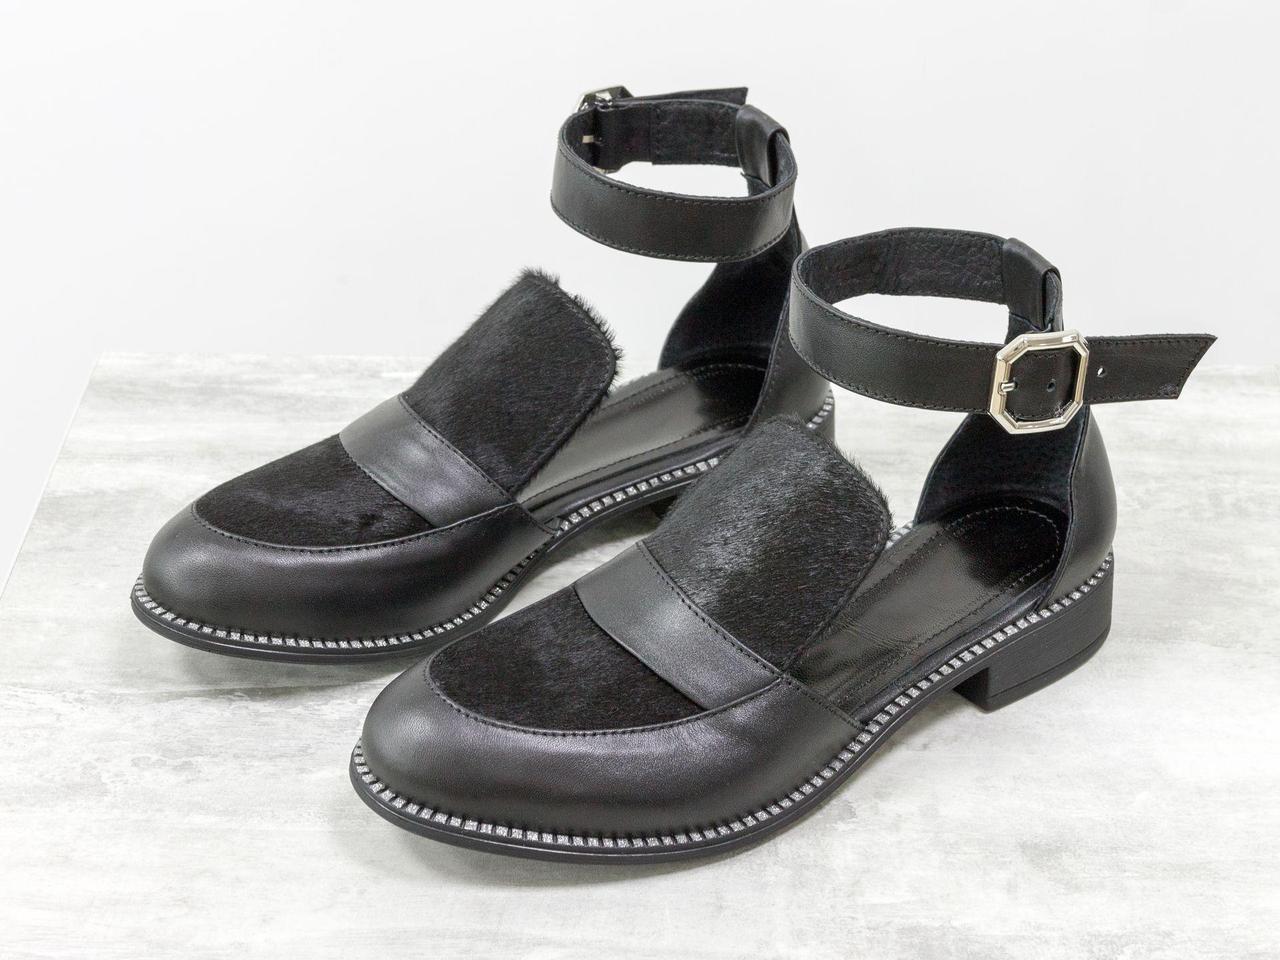 Красивые и удобные женские Туфли из натуральной кожи черного цвета и вставками из меха пони, на невысоком каблуке, Весенняя коллекция от Gino Figini,